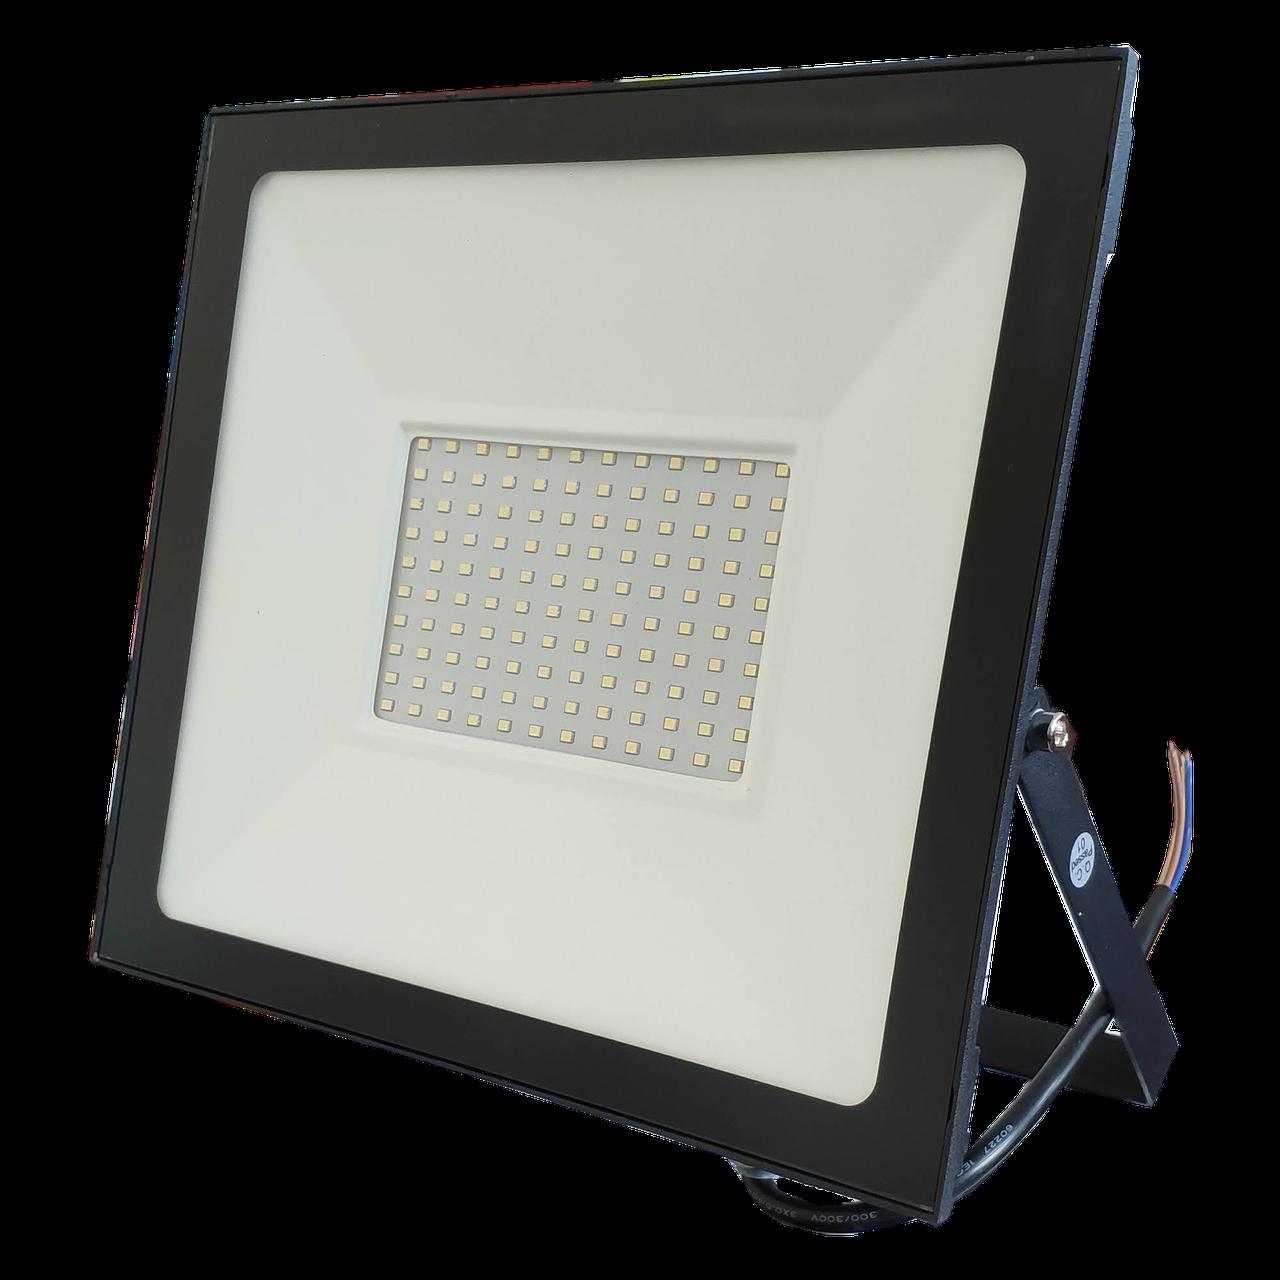 Прожектор LED 150W ECO Slim 220V 11500Lm 6500K IP65 TechnoSystems TNSy5000240